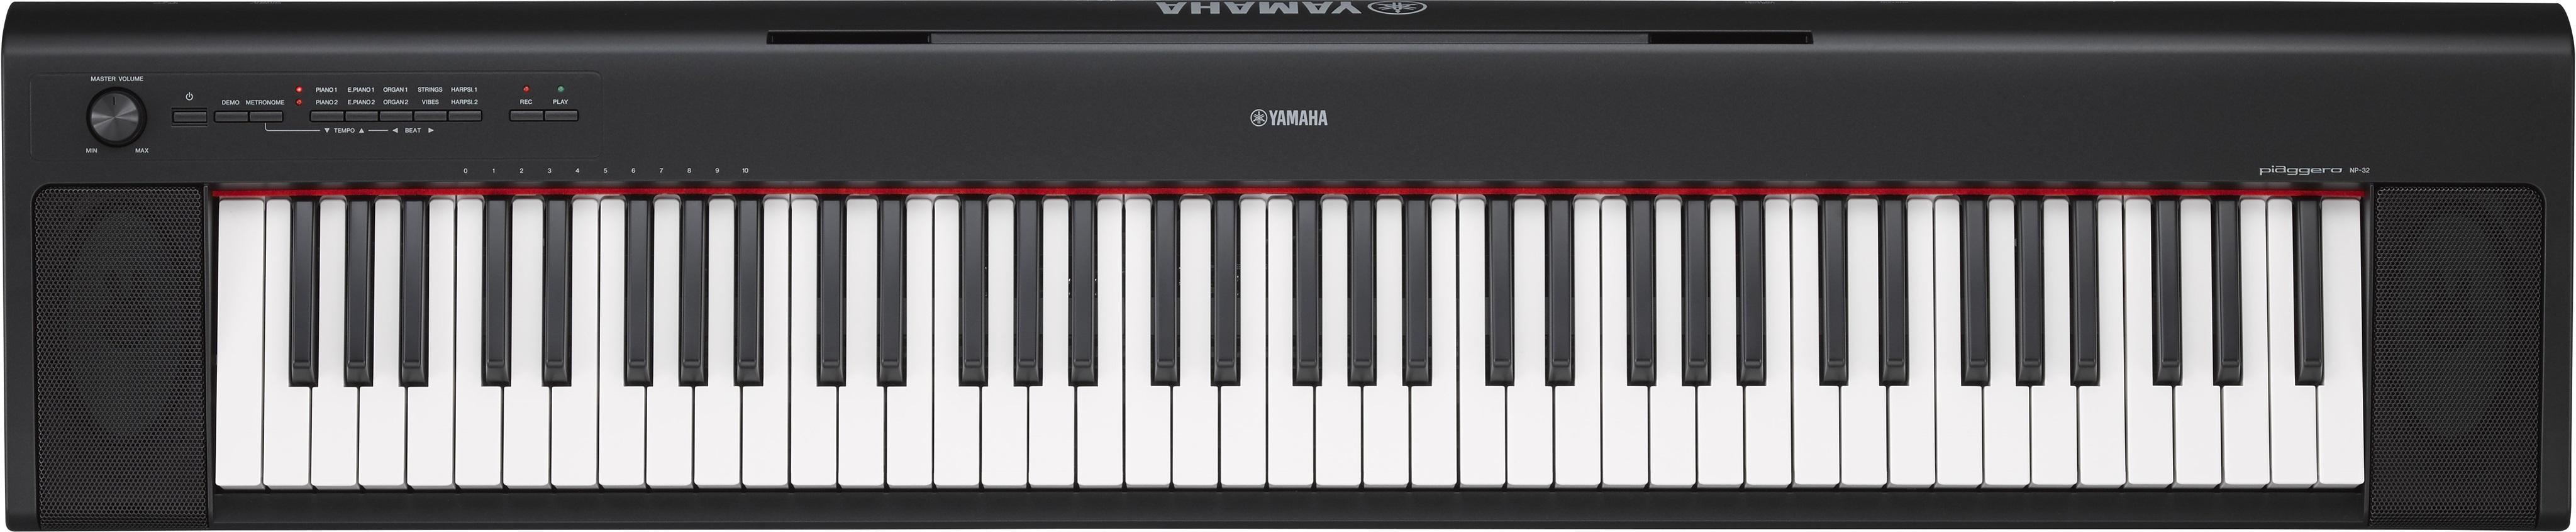 Yamaha NP-32 B